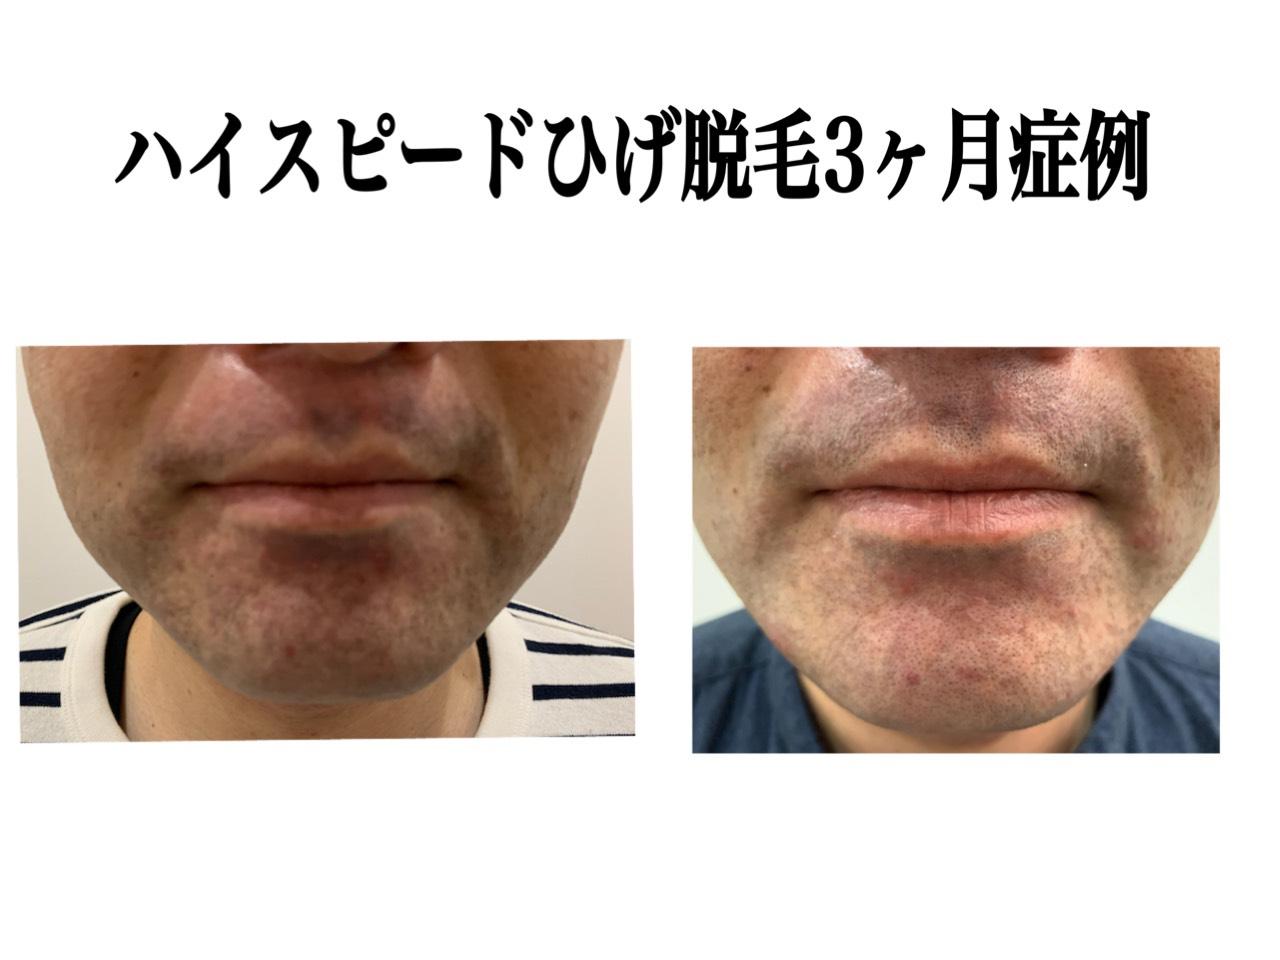 ハイスピードひげ脱毛3ヶ月症例